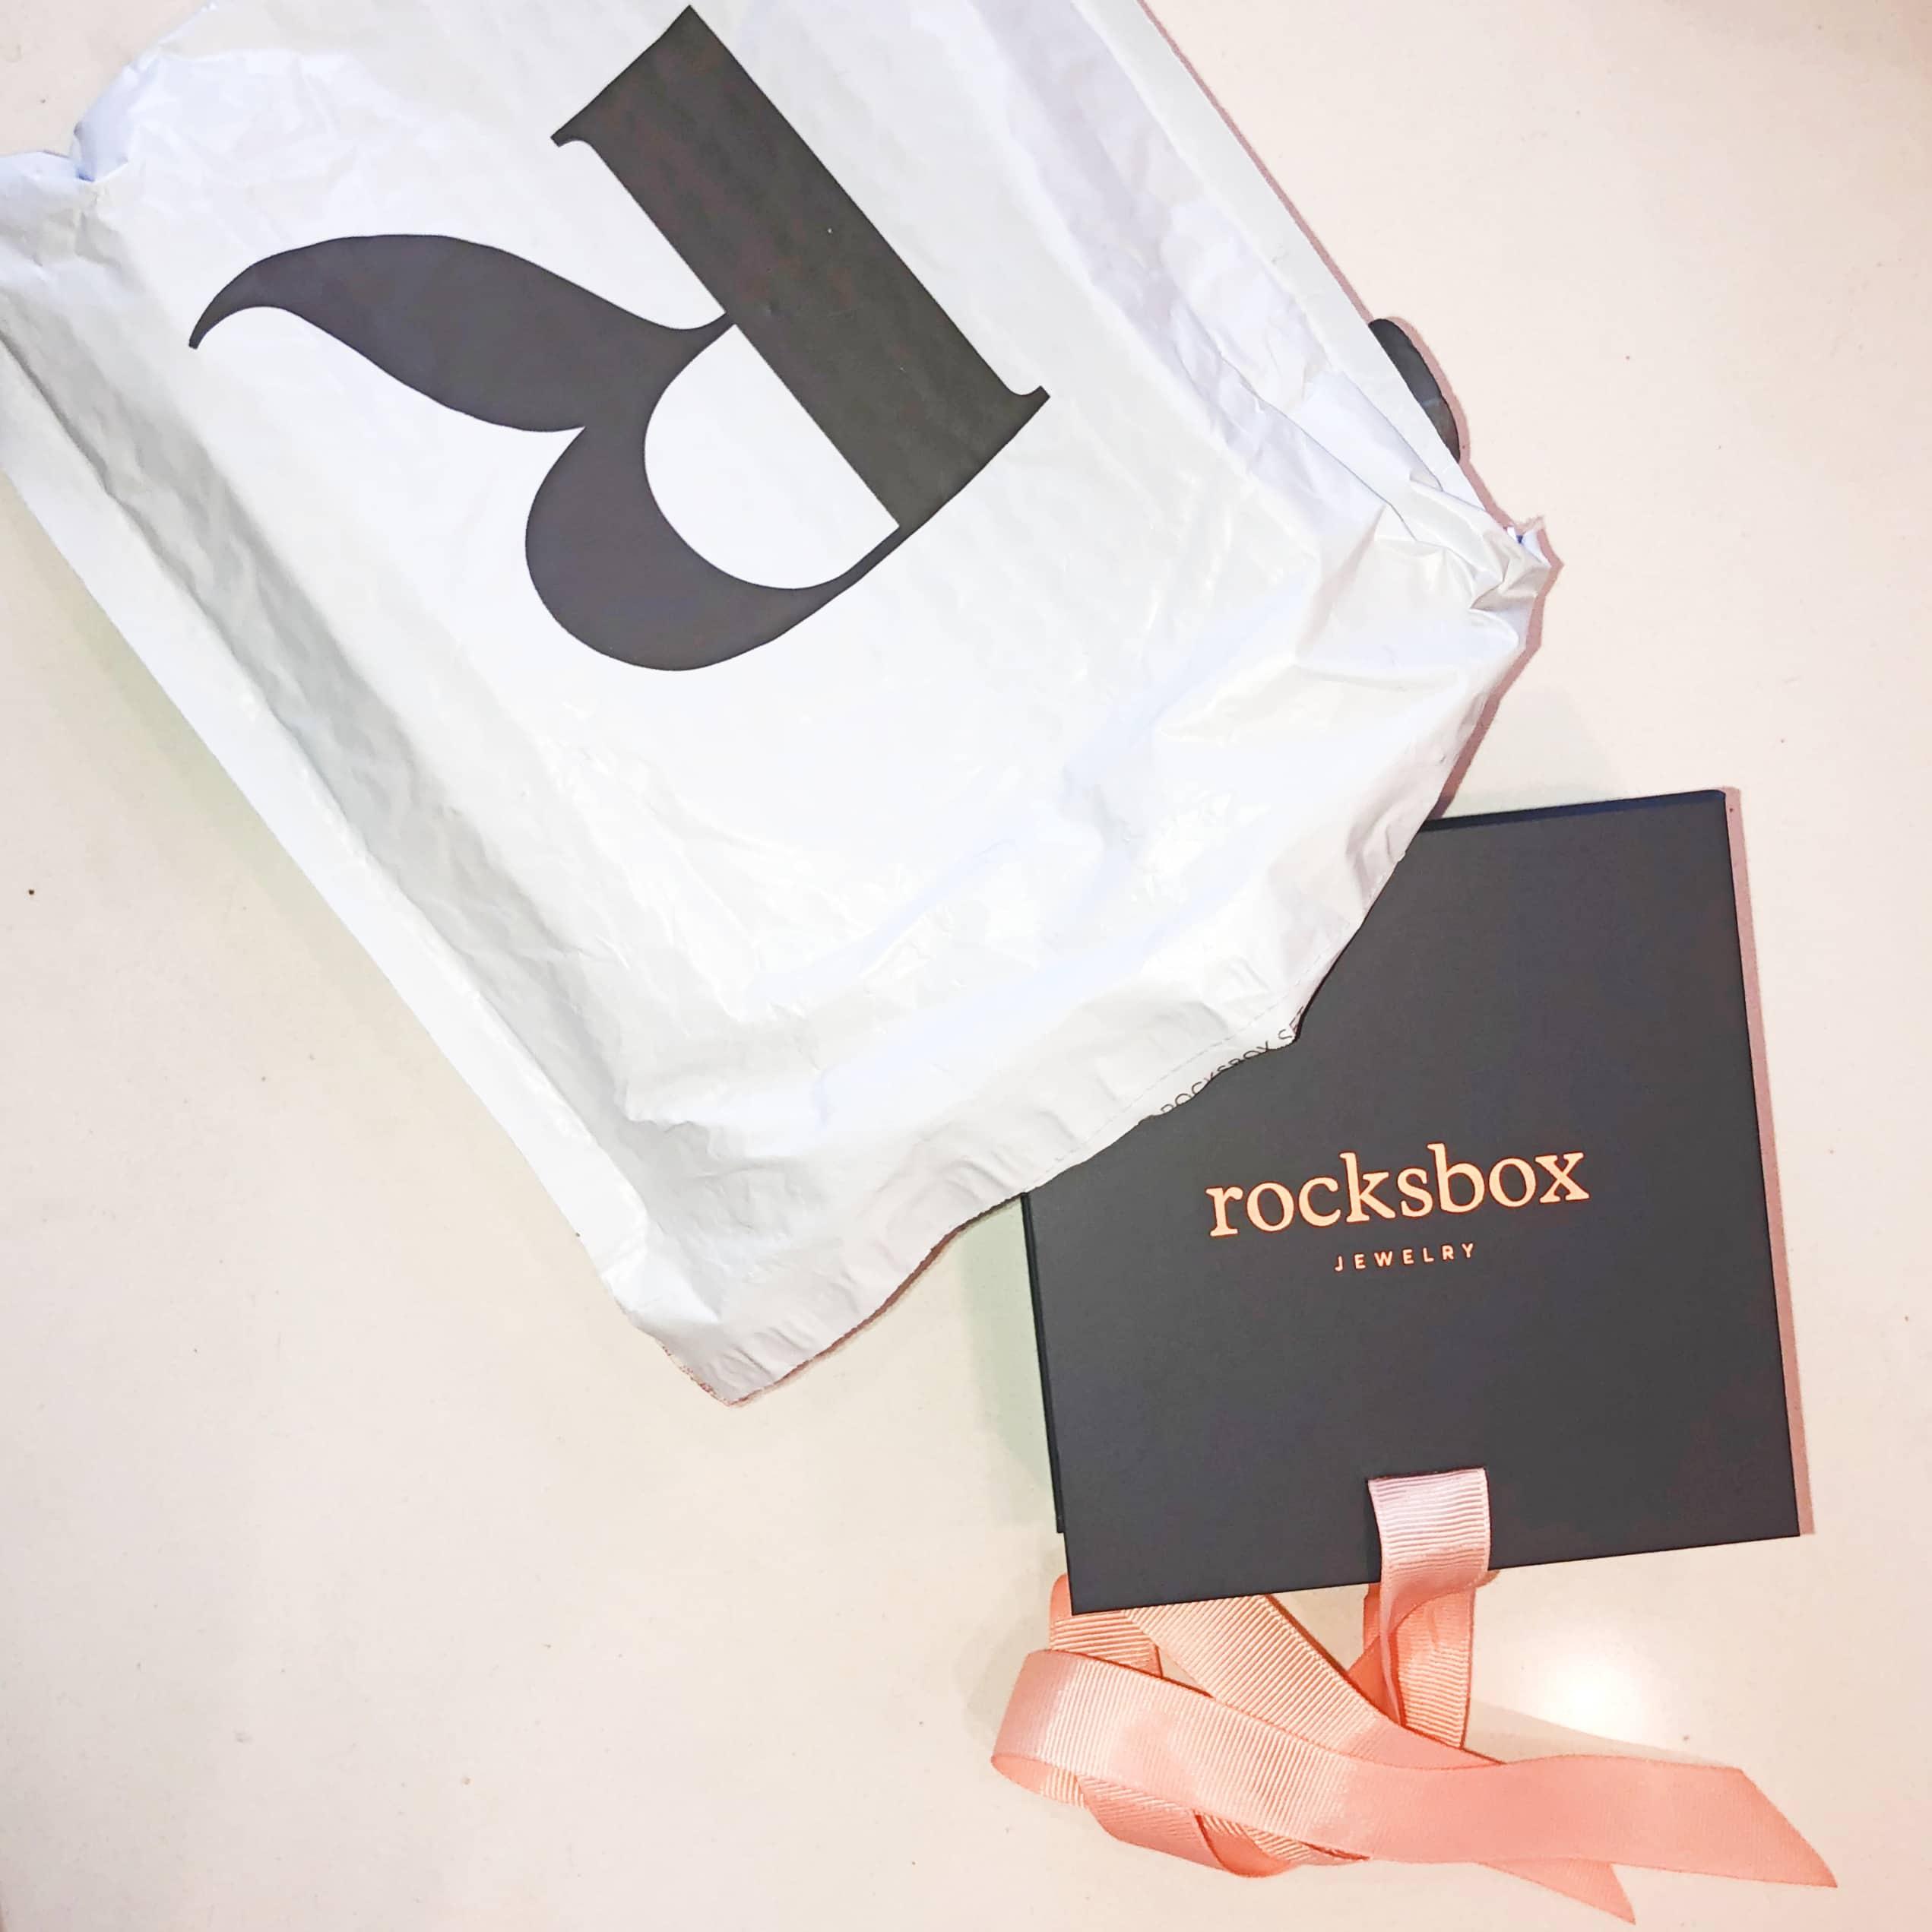 Rocksbox Unboxing